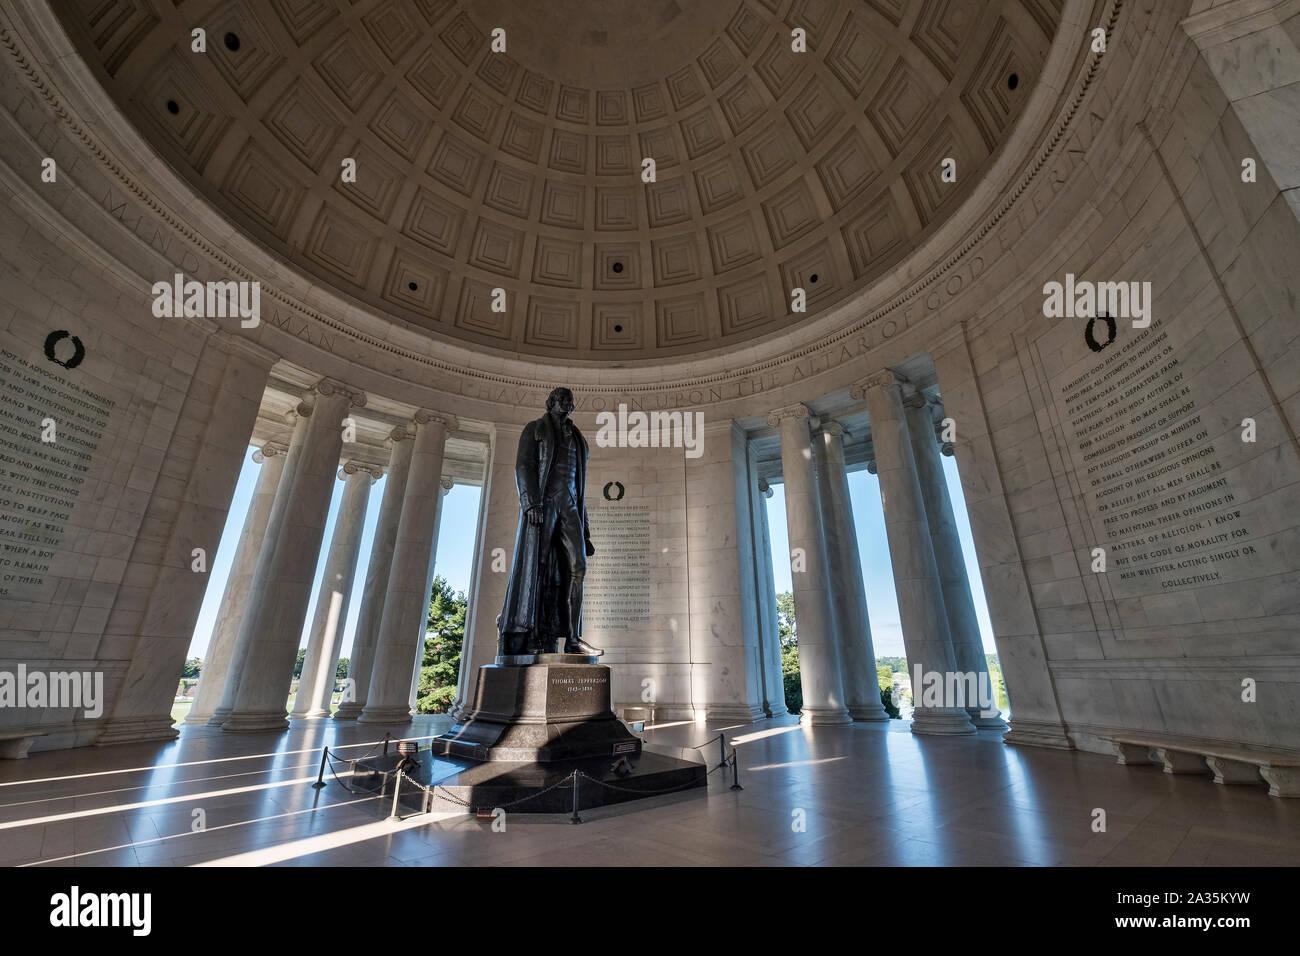 Statue de Thomas Jefferson, à l'intérieur du Jefferson Memorial, Washington DC, USA Banque D'Images